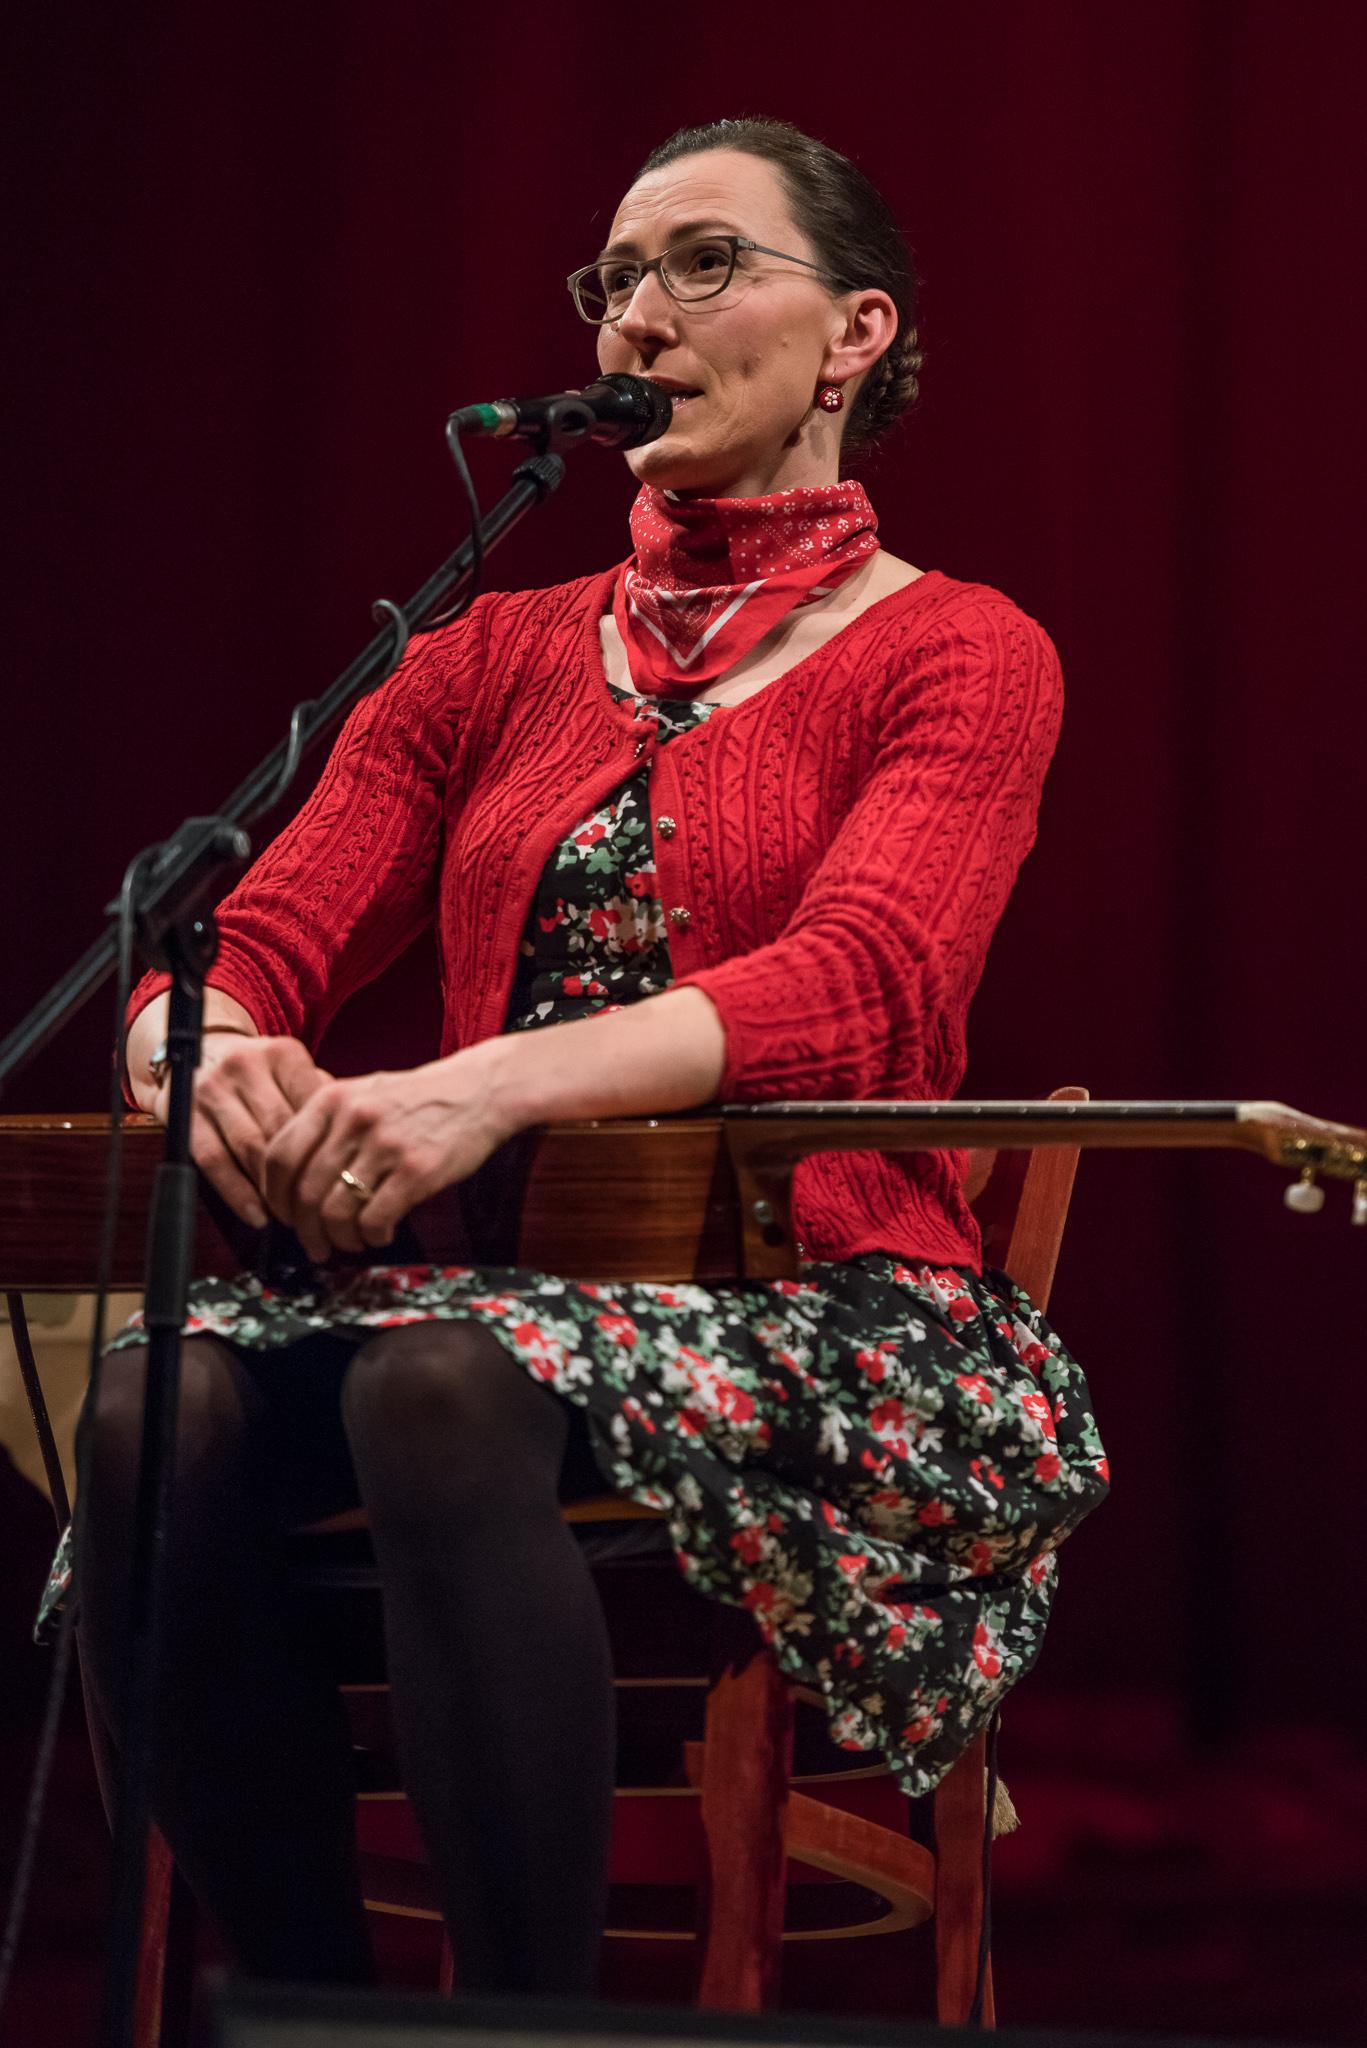 Martina Schwarzmann Nürnberg